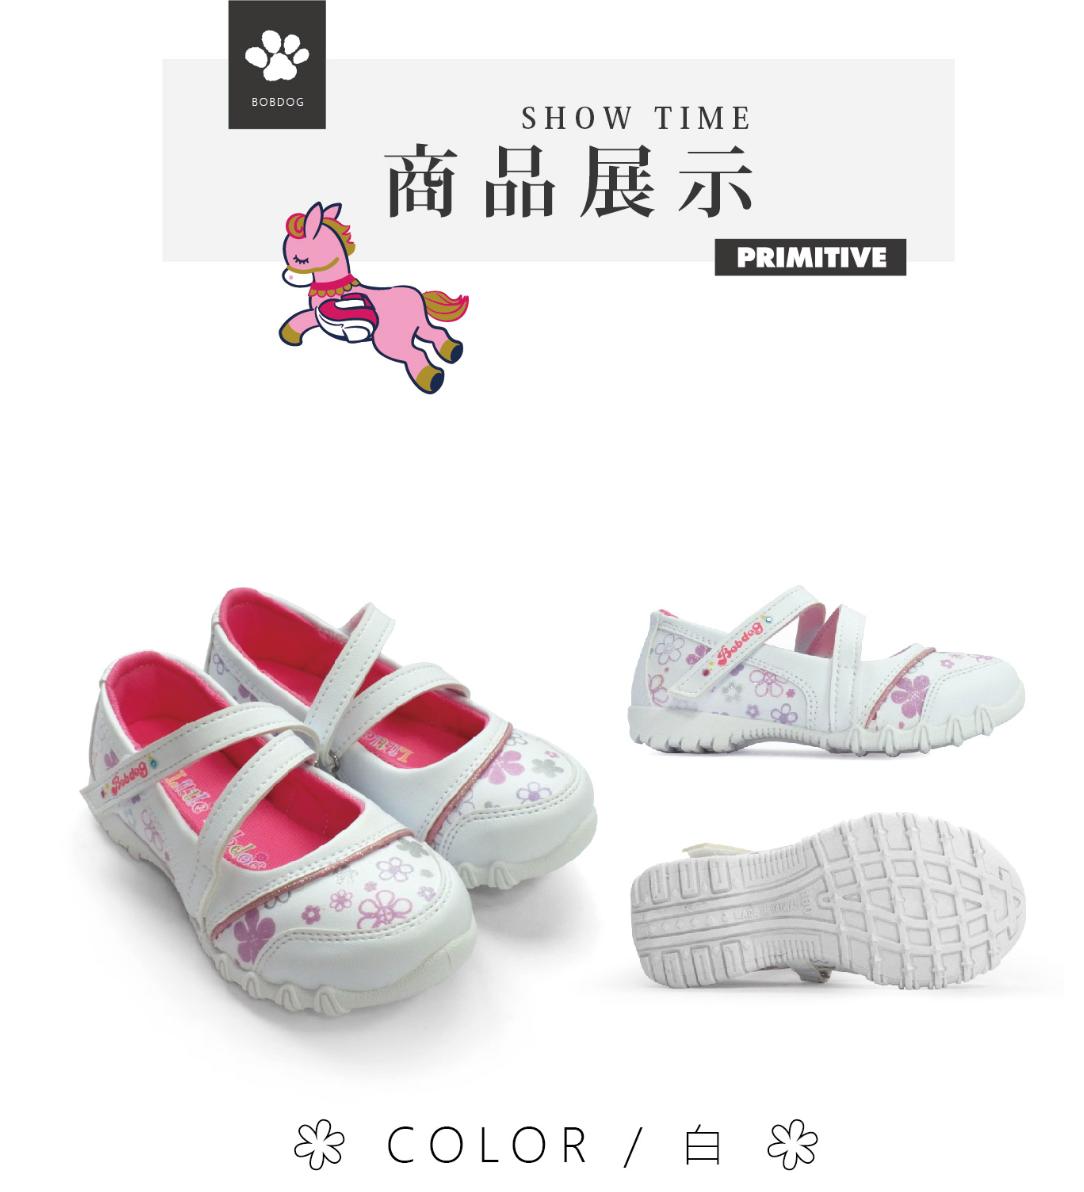 巴布豆Bobdog 白色小公主繞帶休閒鞋 公主鞋  MIT 日本品牌 台灣製造 風靡全球 童鞋 女童鞋 嬰兒鞋 18~23公分